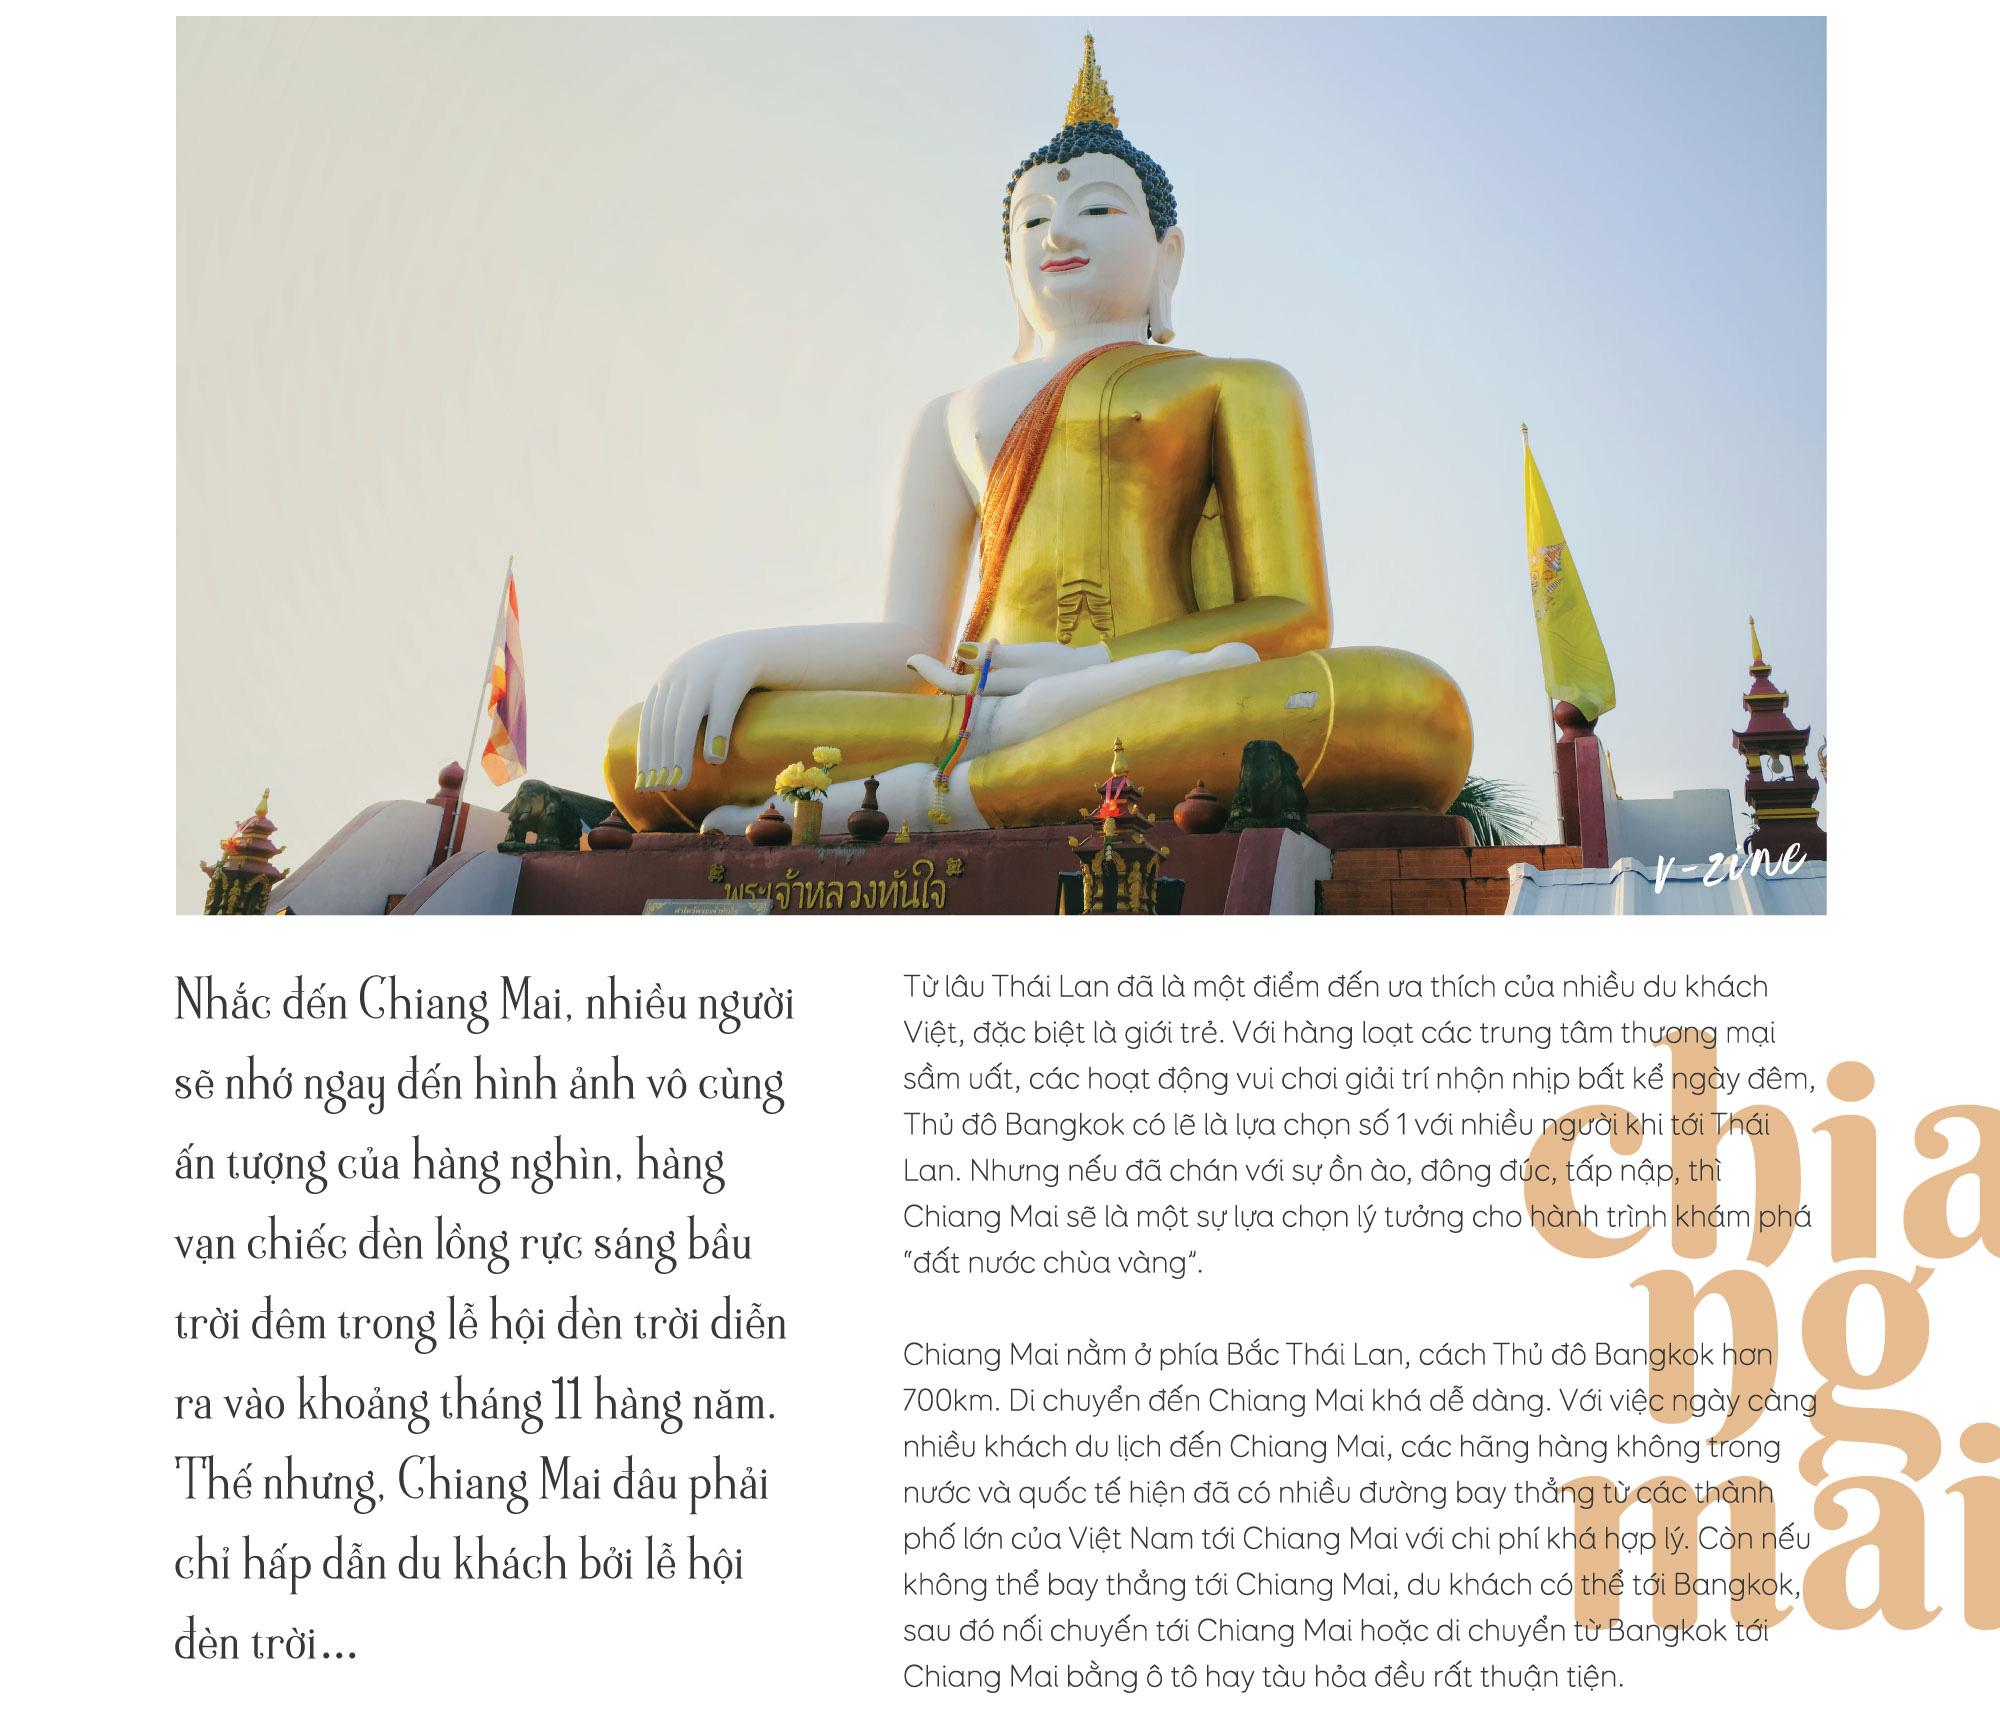 Ngoài lễ hội đèn trời, Chiang Mai còn có gì hấp dẫn du khách? - Ảnh 1.